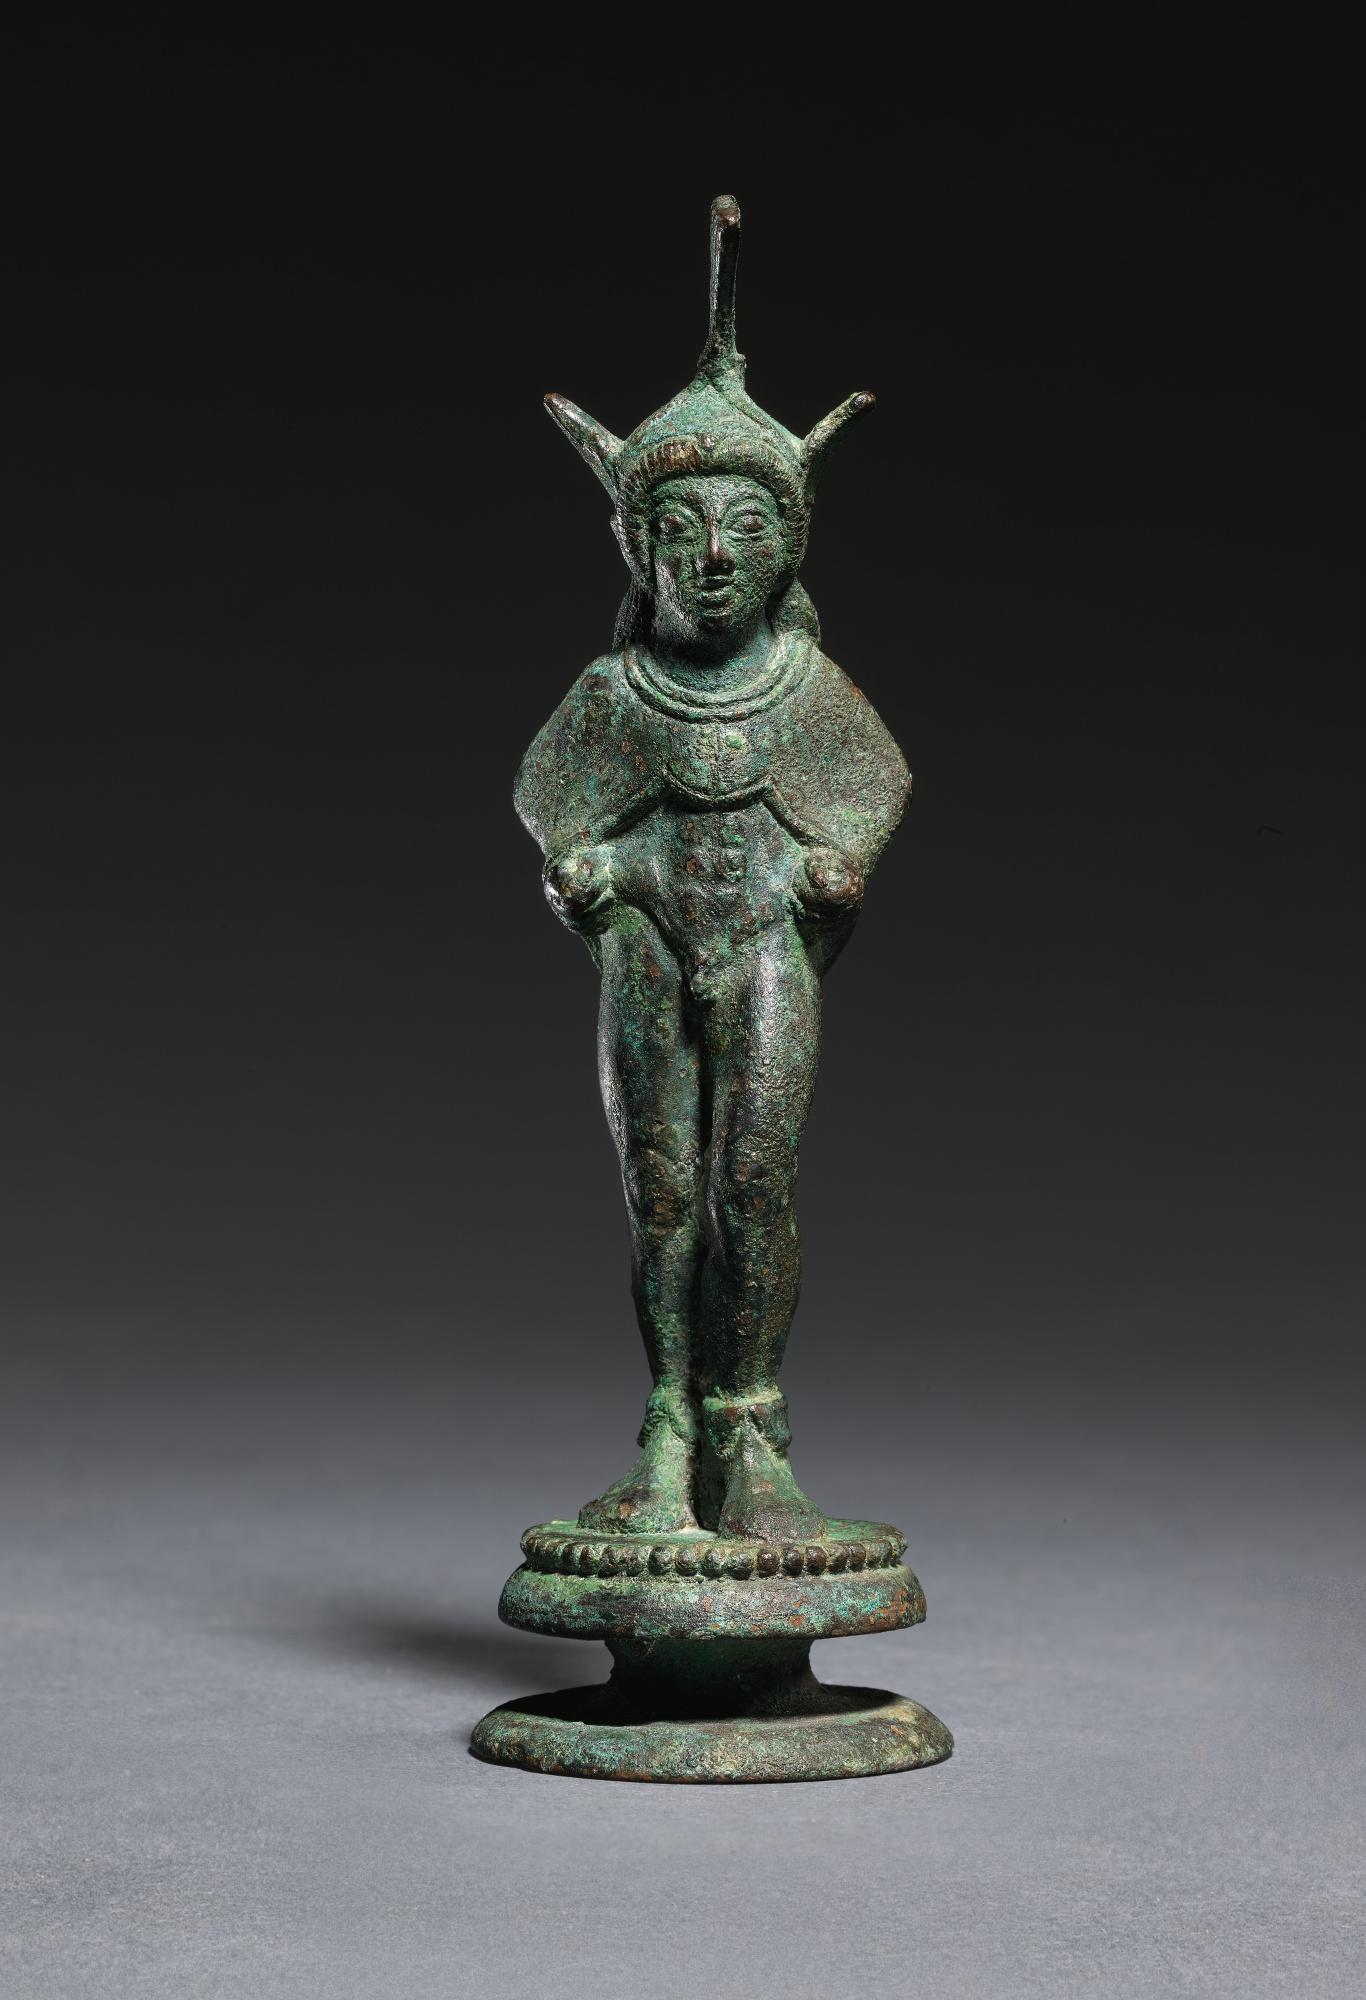 AN ETRUSCAN BRONZE FIGURE OF A WARRIOR, CIRCA 500-475 B.C.